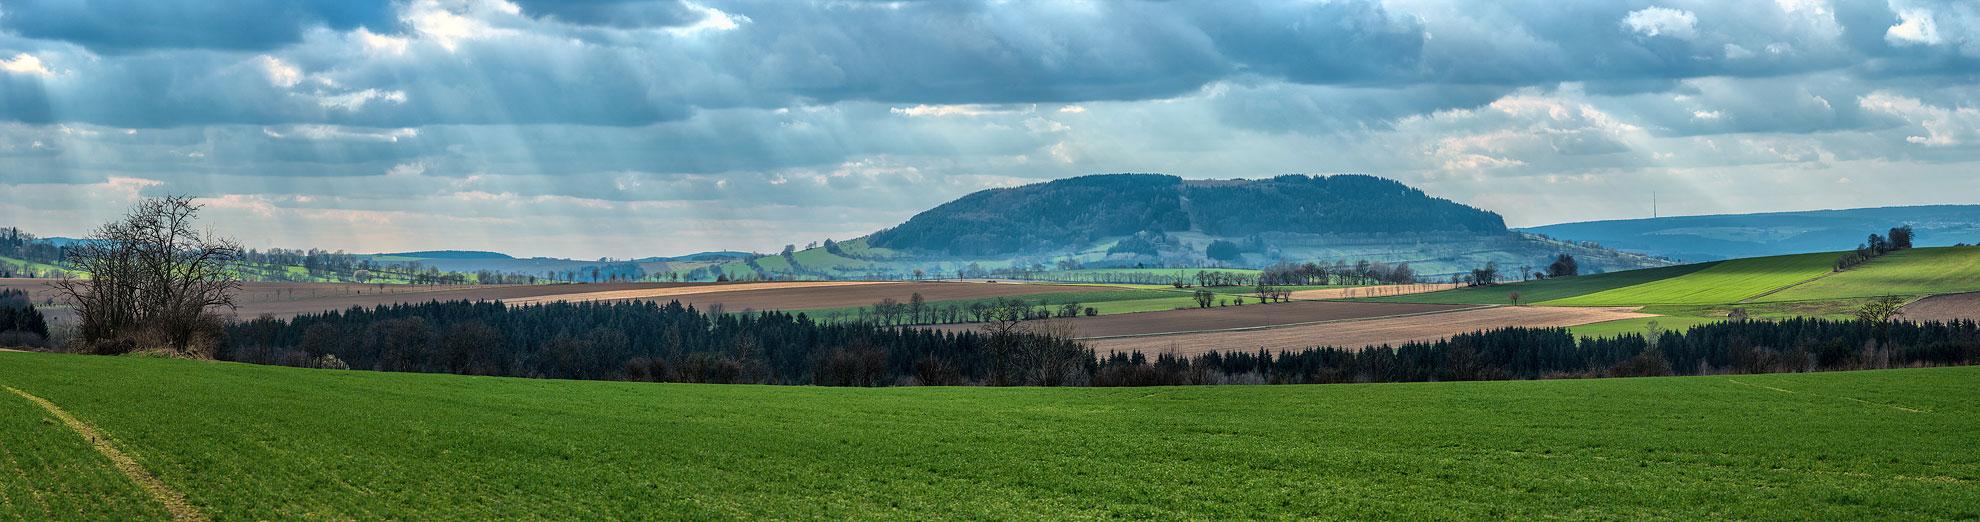 Der Pöhlberg im April 2015 von Arnsfelder/Grumbacher Flur aus gesehen.